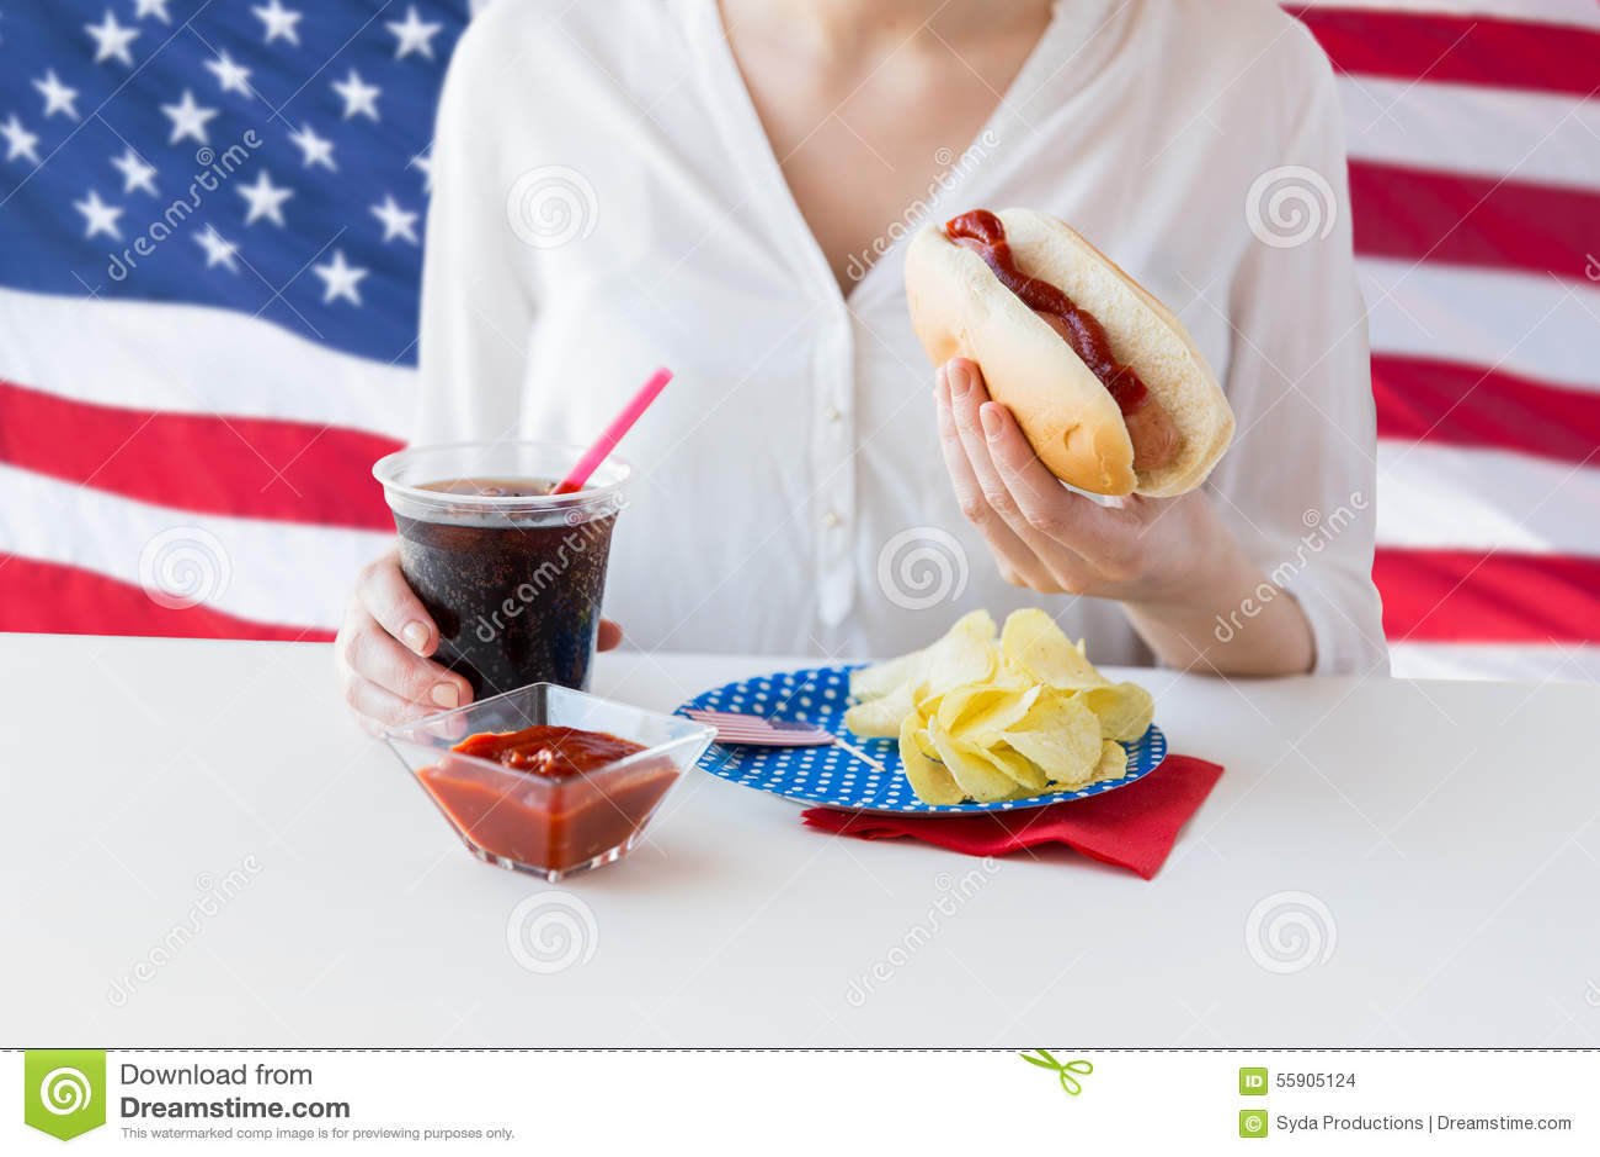 Κλείστε επάνω της γυναίκας που τρώει το χοτ-ντογκ με το κόκα κόλα